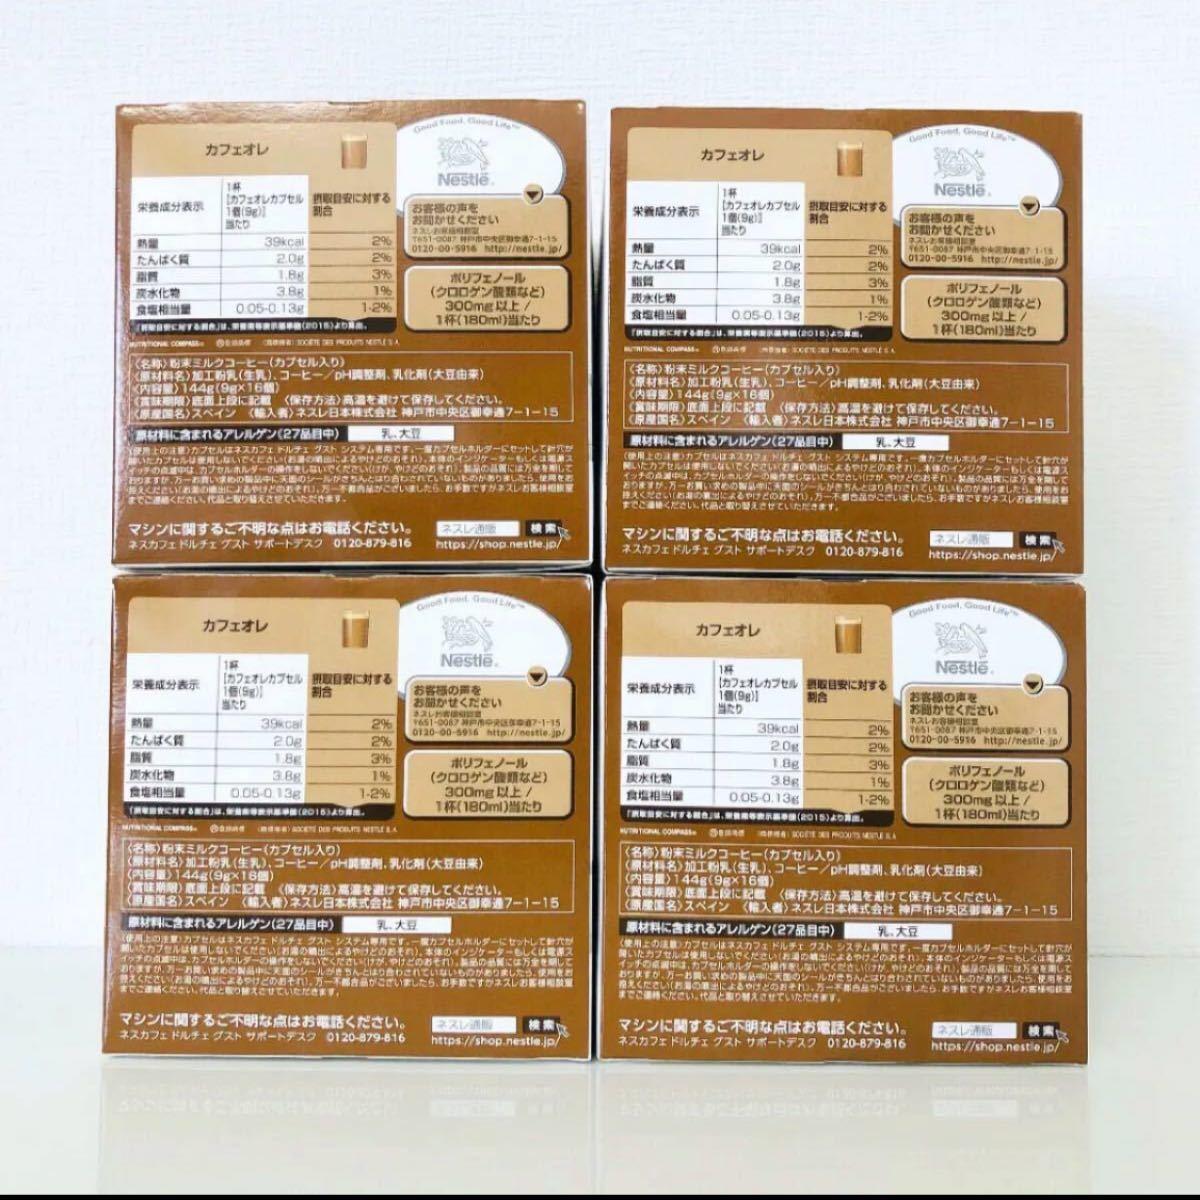 ドルチェグストカプセル カフェオレ4箱(16個×4箱)★箱無し詰め替え送料無料